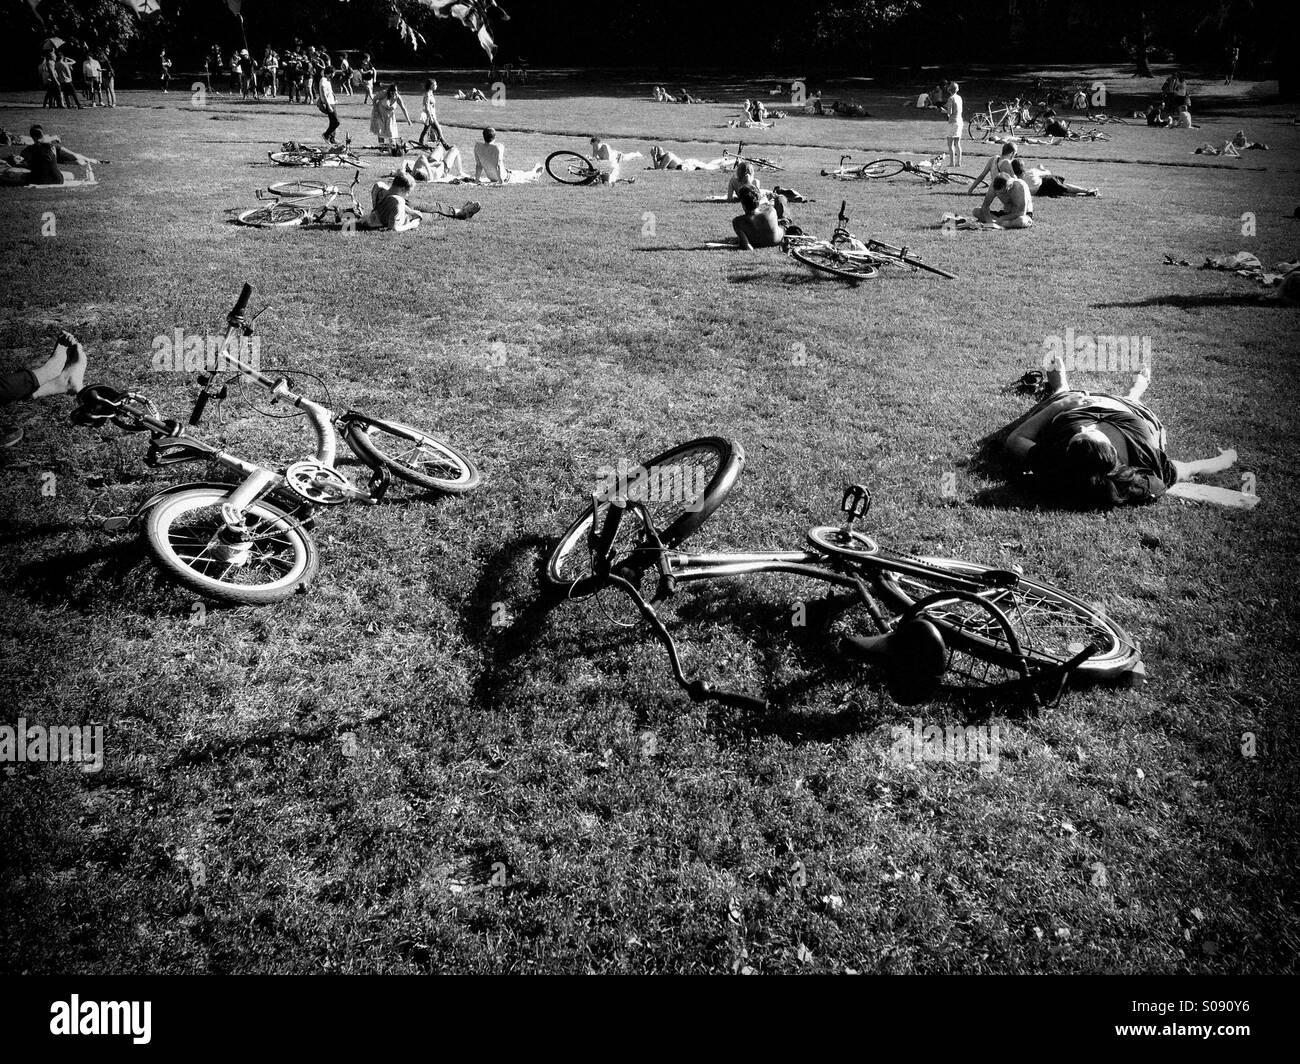 People  sunbathing in the park, Berlin,Mitte - Stock Image